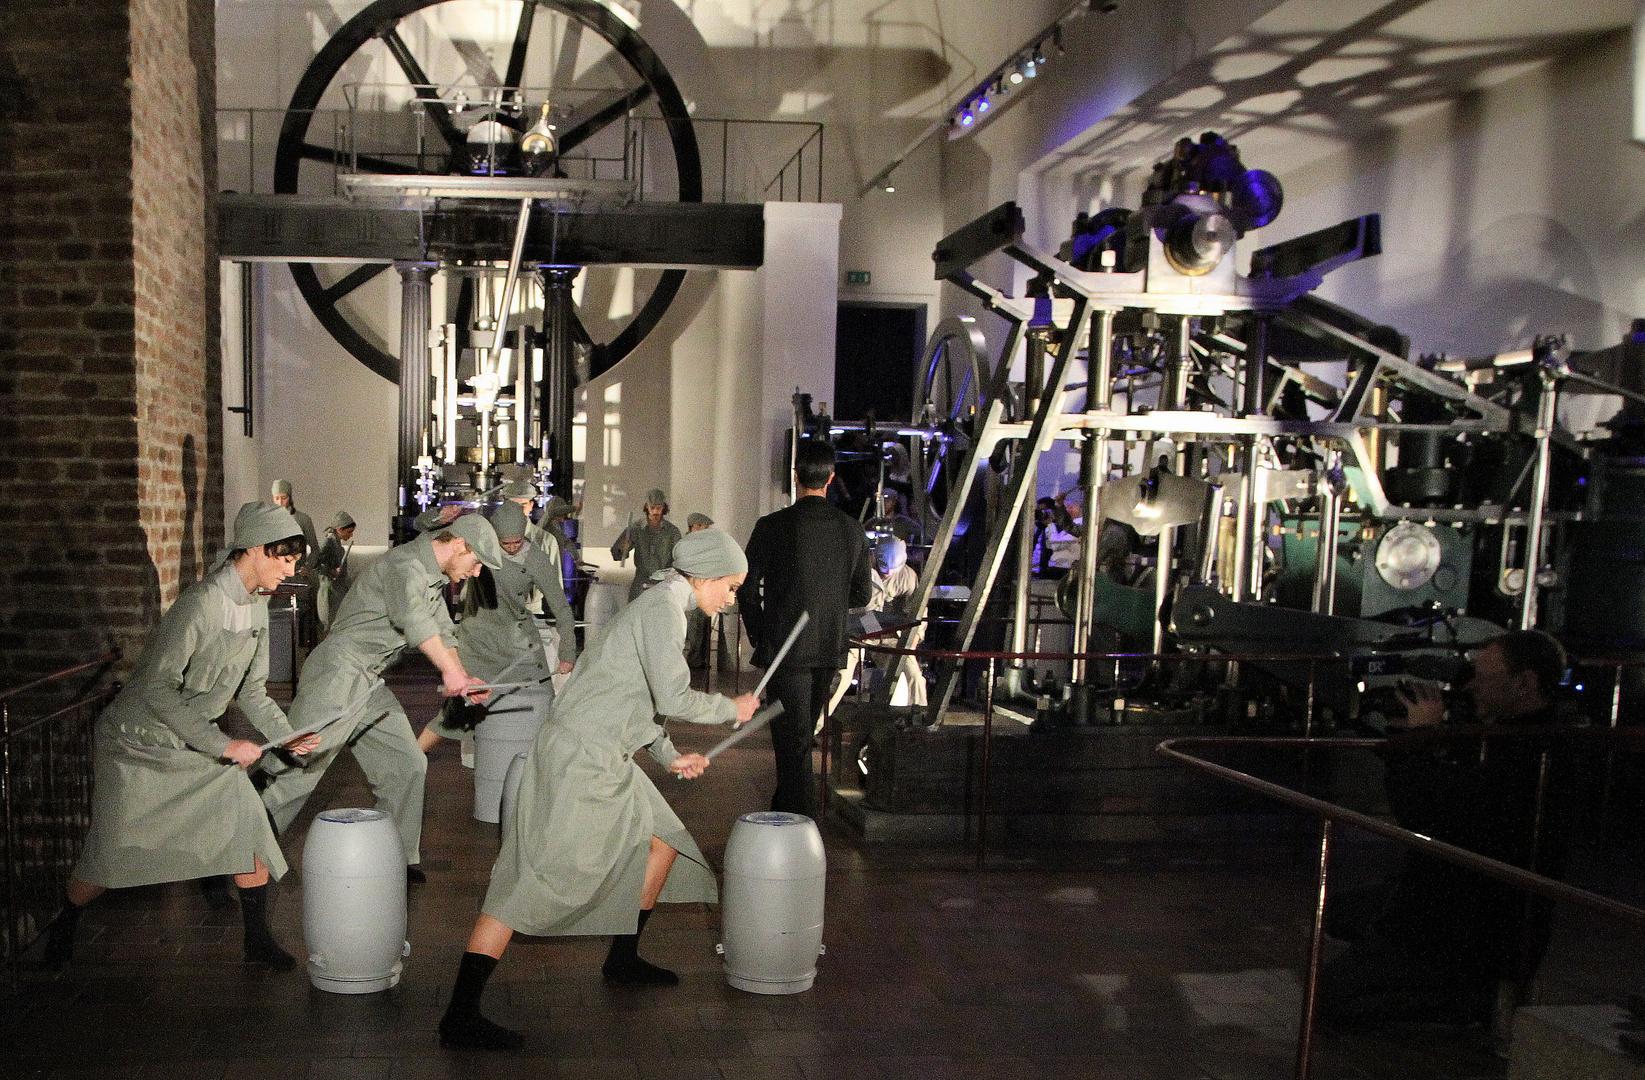 Tanz - bewegte Körper und Maschine - 1 -